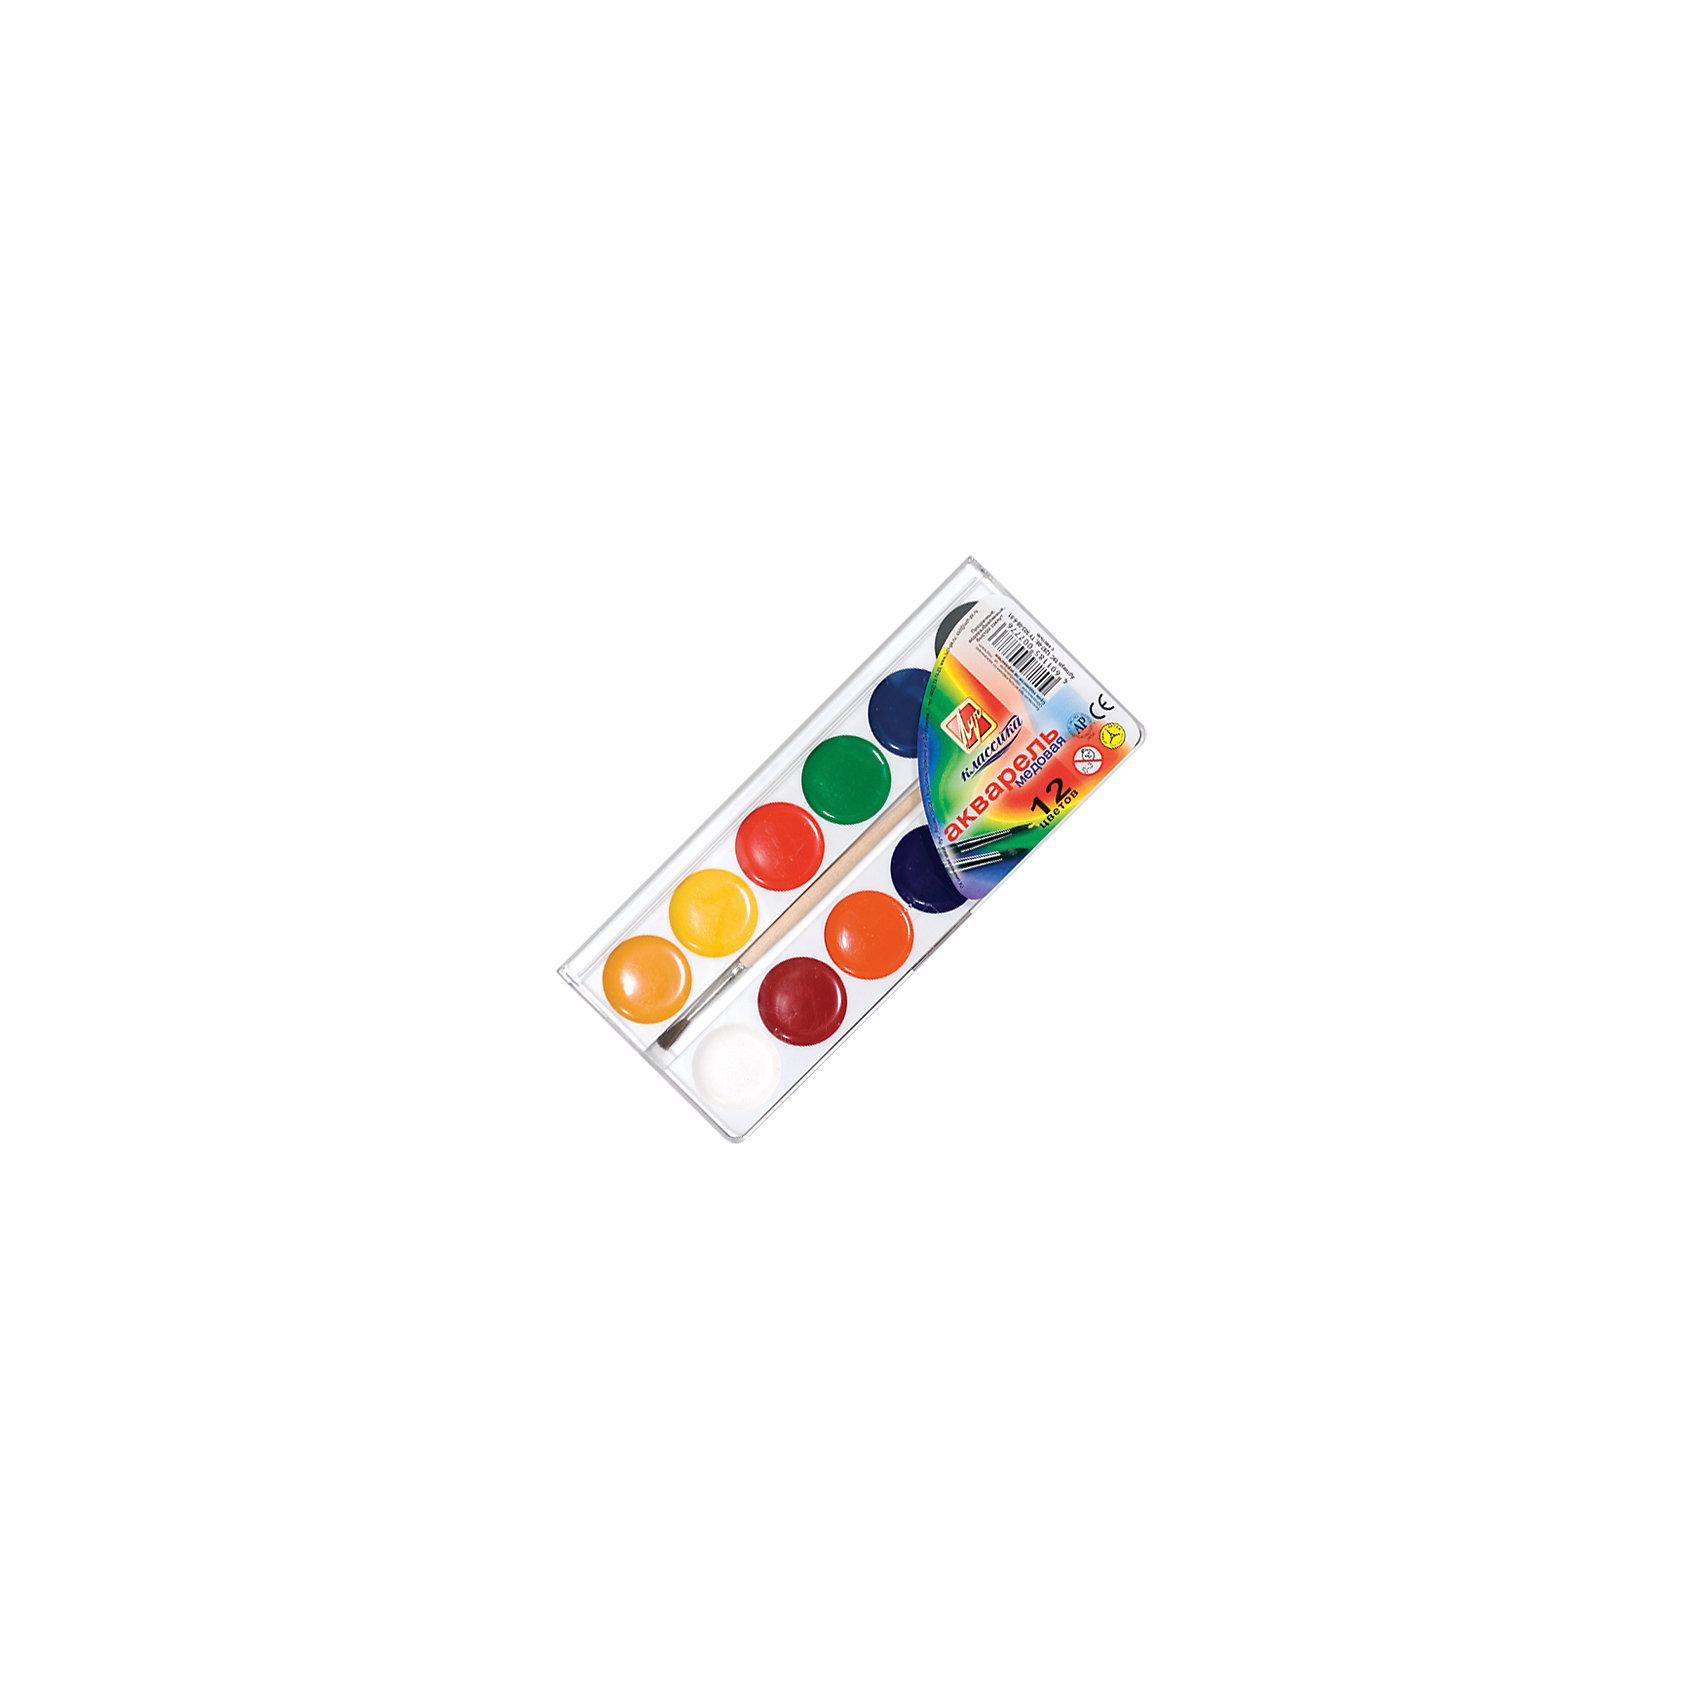 ЛУЧ Акварель 12 цветовРисование и лепка<br>Характеристики товара:<br><br>• количество цветов: 12;<br>• кисть в комплекте;<br>• изготовлены с добавлением меда и патоки;<br>• размер упаковки: 10х16х1,5 см;<br>• вес: 100 грамм;<br>• возраст: от 3 лет.<br><br>Медовая акварель отлично подойдет для создания рисунков, поделок и раскрашивания. Палитра включает 12 ярких, насыщенных оттенков. Для рисования достаточно немного намочить кисть и окунуть ее в краску. После нанесения краска быстро высыхает, оставляя полупрозрачный цвет. Акварель изготовлена на основе натуральных компонентов,  с добавлением патоки и меда. В комплект входит кисточка.<br><br>ЛУЧ Акварель 12 цветов можно купить в нашем интернет-магазине.<br><br>Ширина мм: 160<br>Глубина мм: 100<br>Высота мм: 15<br>Вес г: 100<br>Возраст от месяцев: 36<br>Возраст до месяцев: 168<br>Пол: Унисекс<br>Возраст: Детский<br>SKU: 6858995